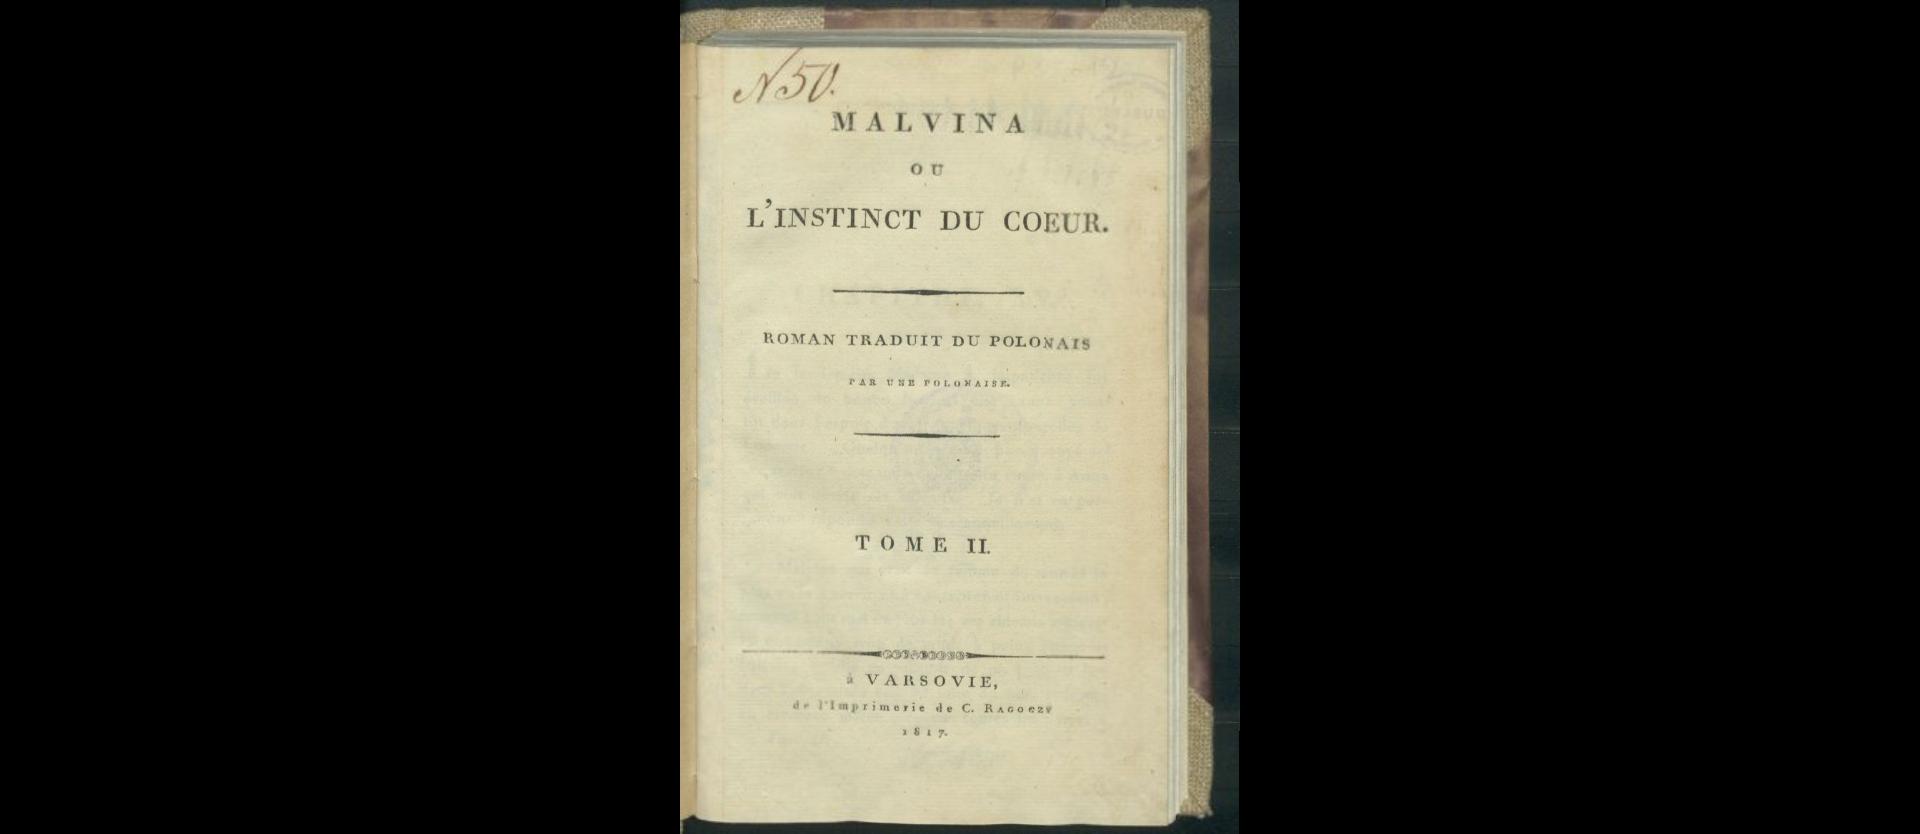 Malvina ou l'instinct du coeur T. 2. 1817